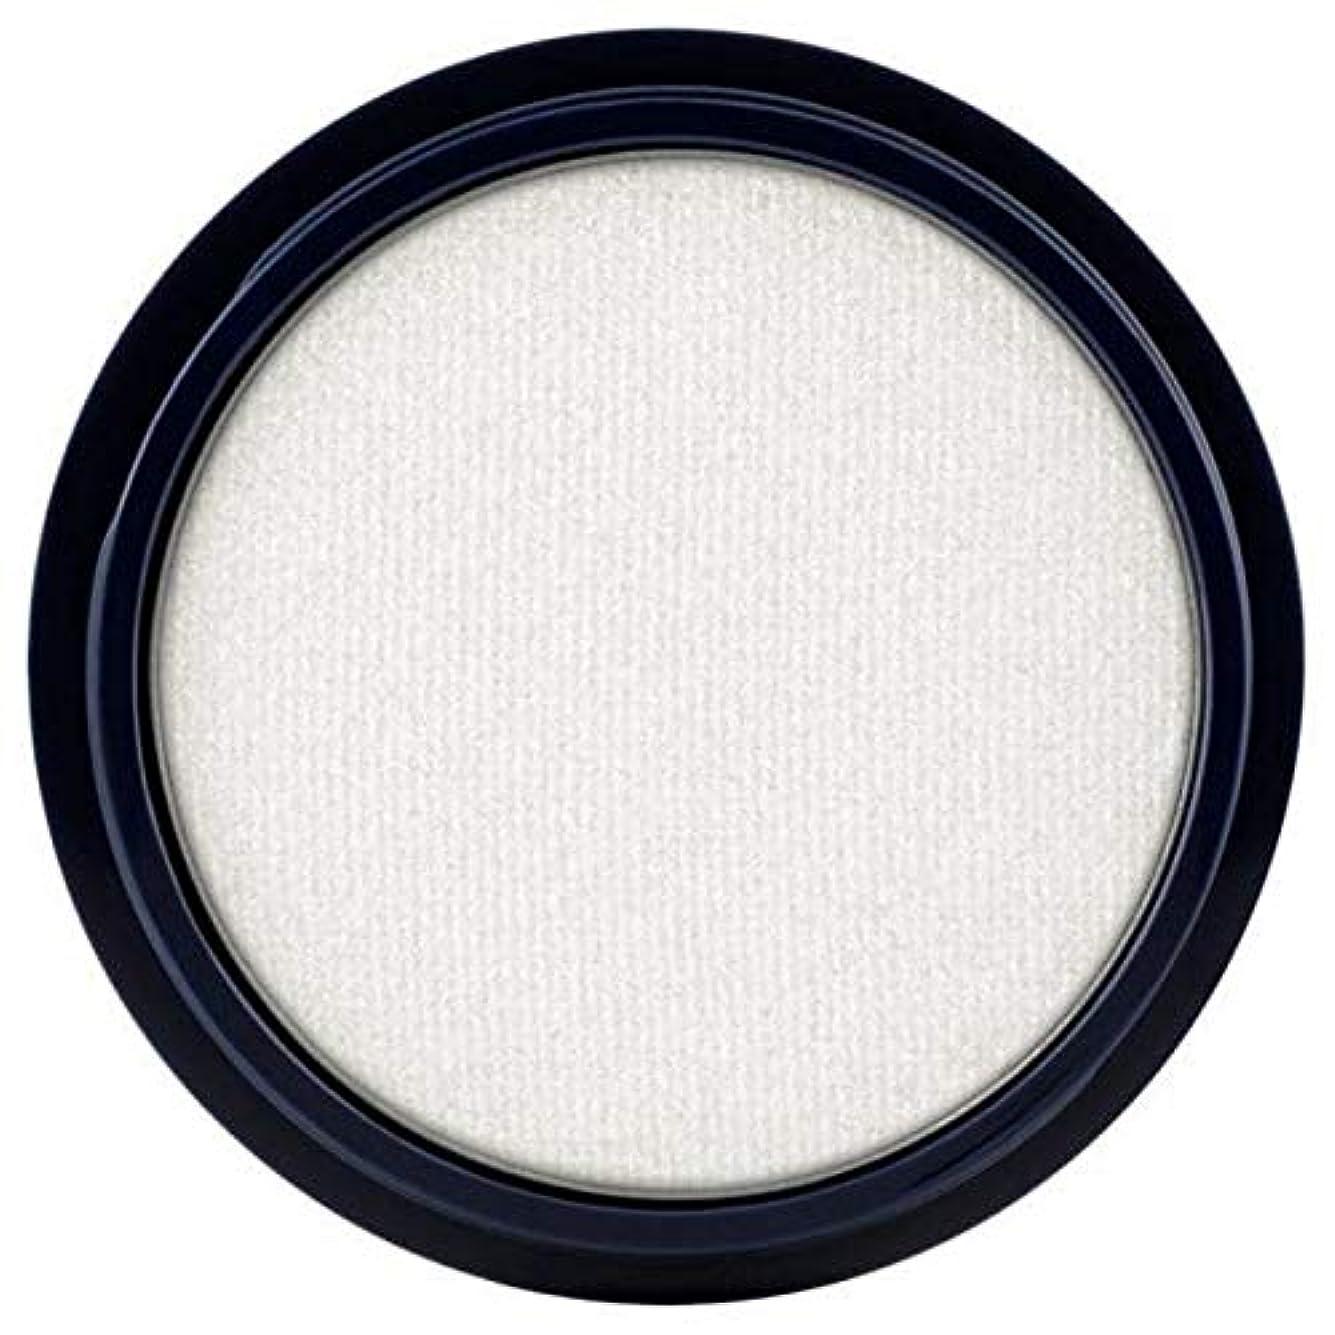 グラム好き臭い[Max Factor ] 白35 Definatマックスファクター野生シャドウアイシャドウポット - Max Factor Wild Shadow Eyeshadow Pot Definat White 35 [並行輸入品]